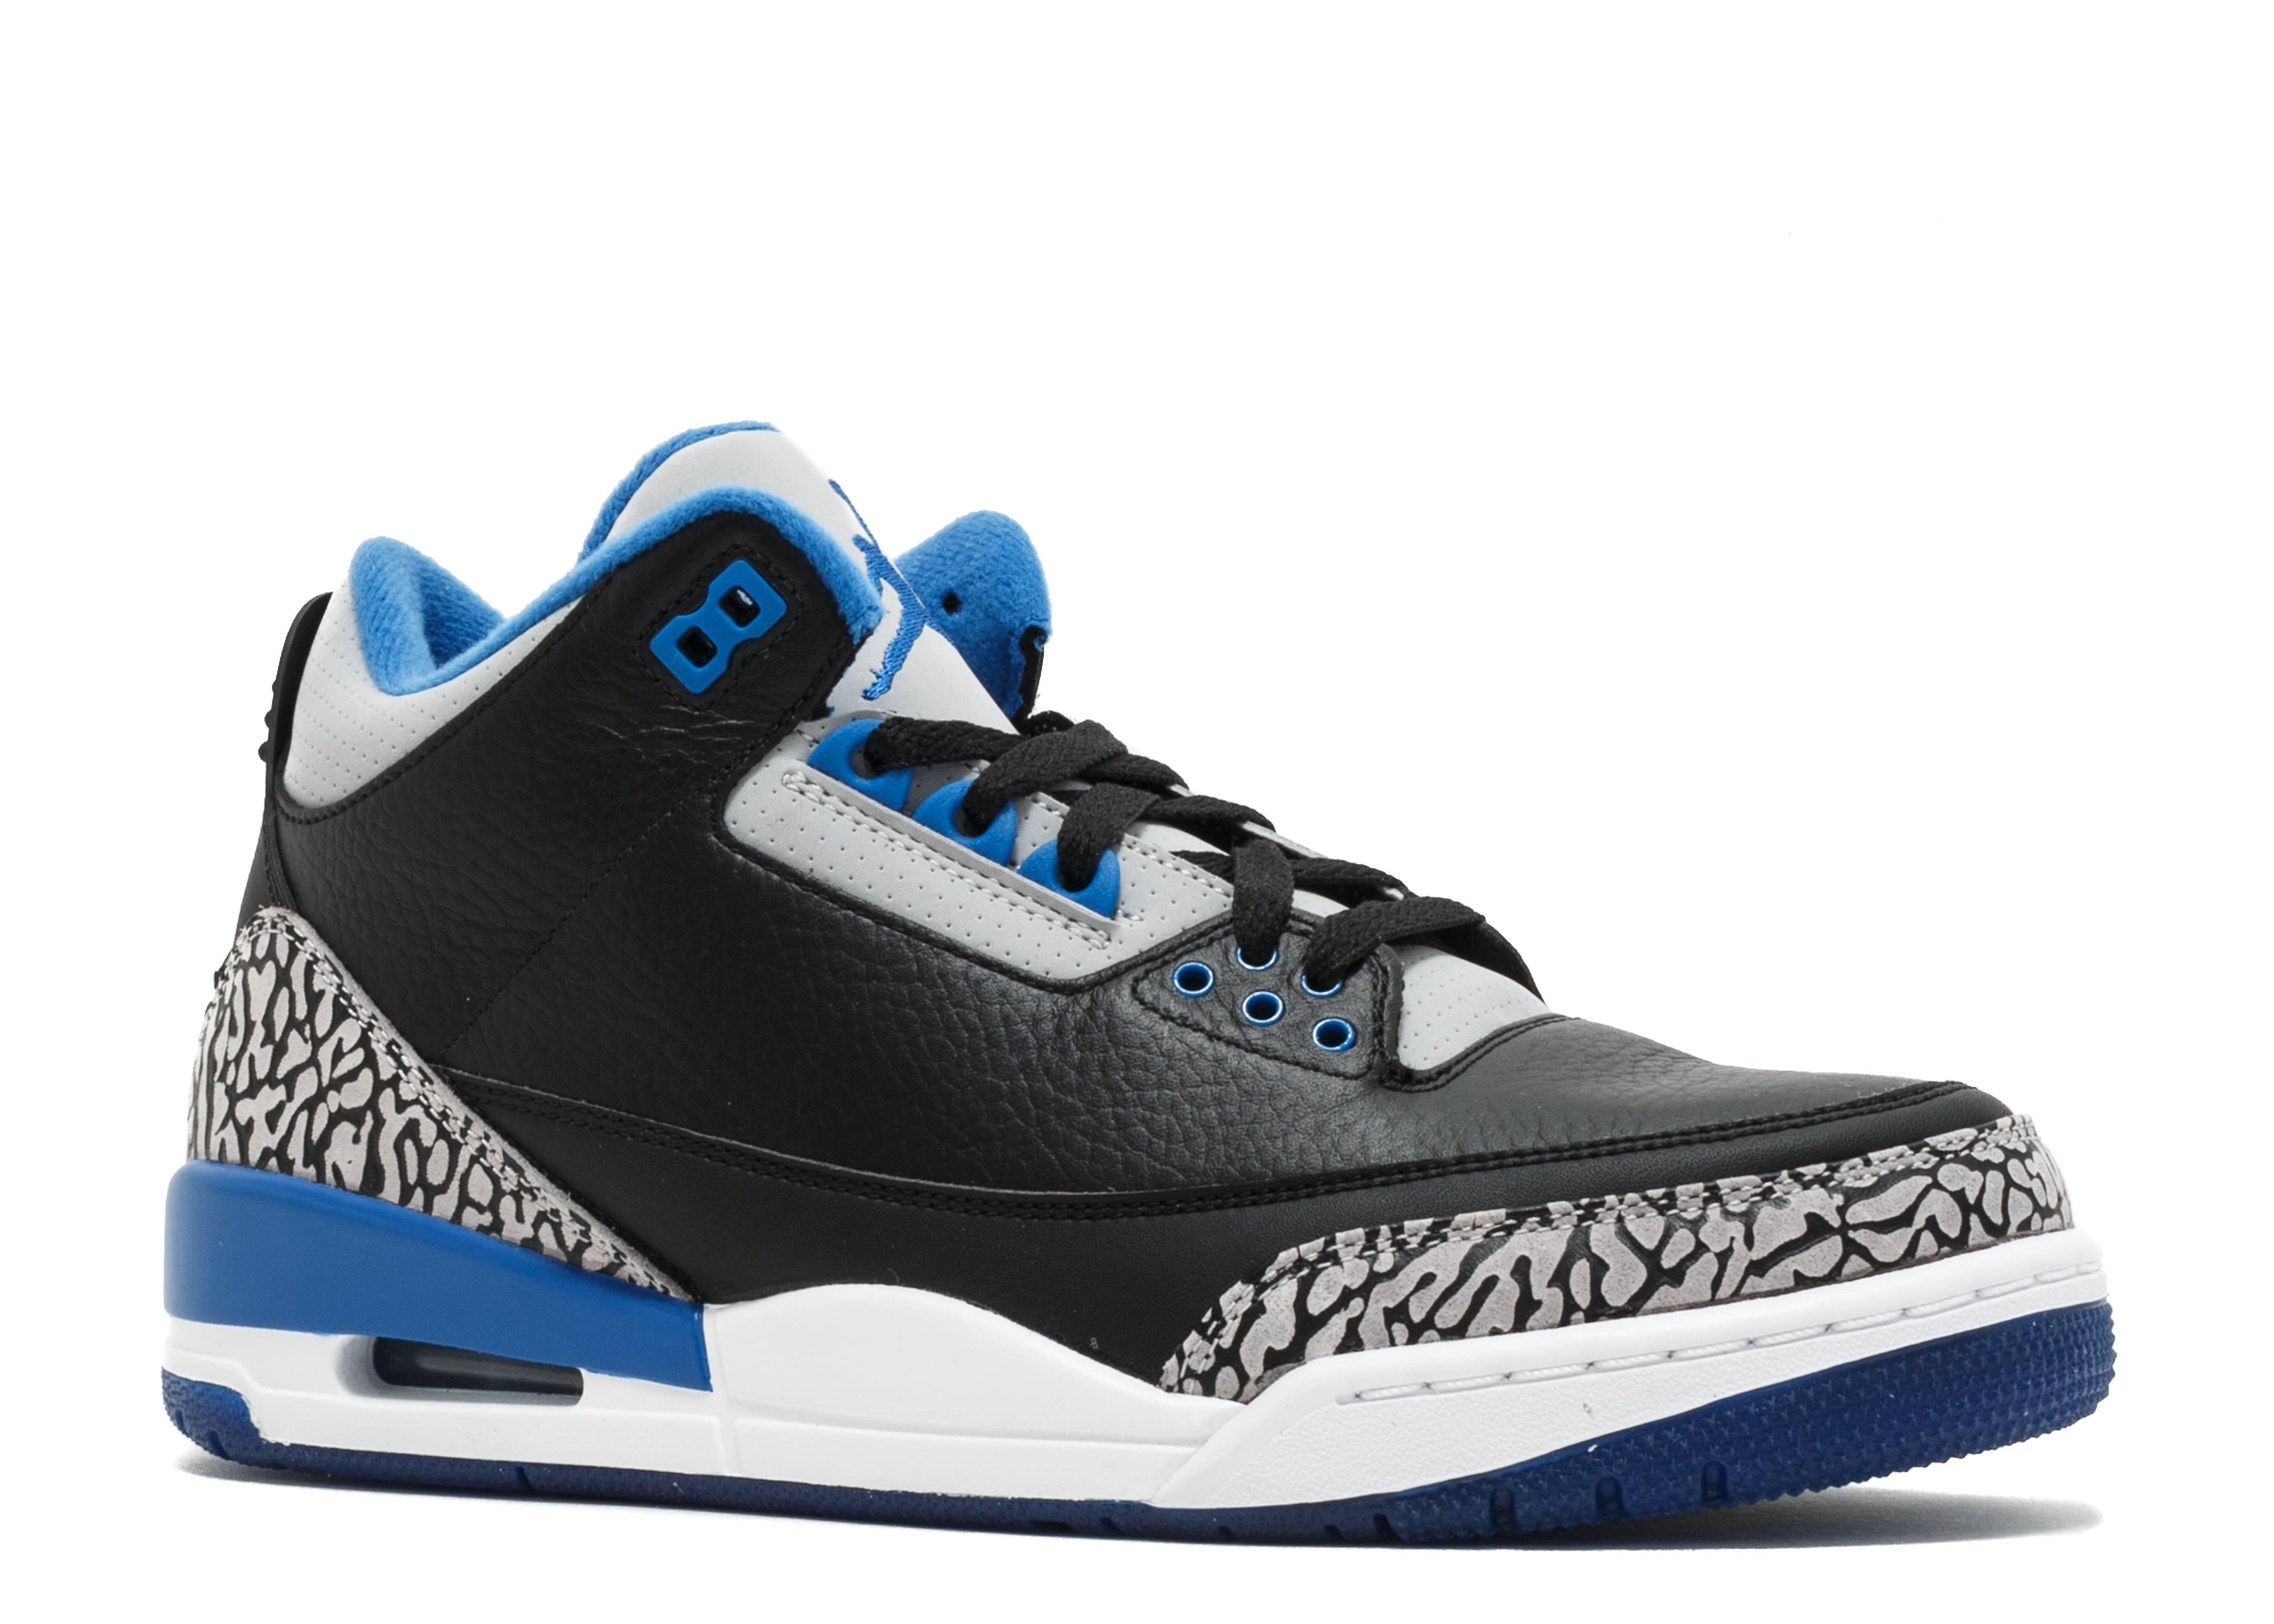 Air Jordan 3 Blue